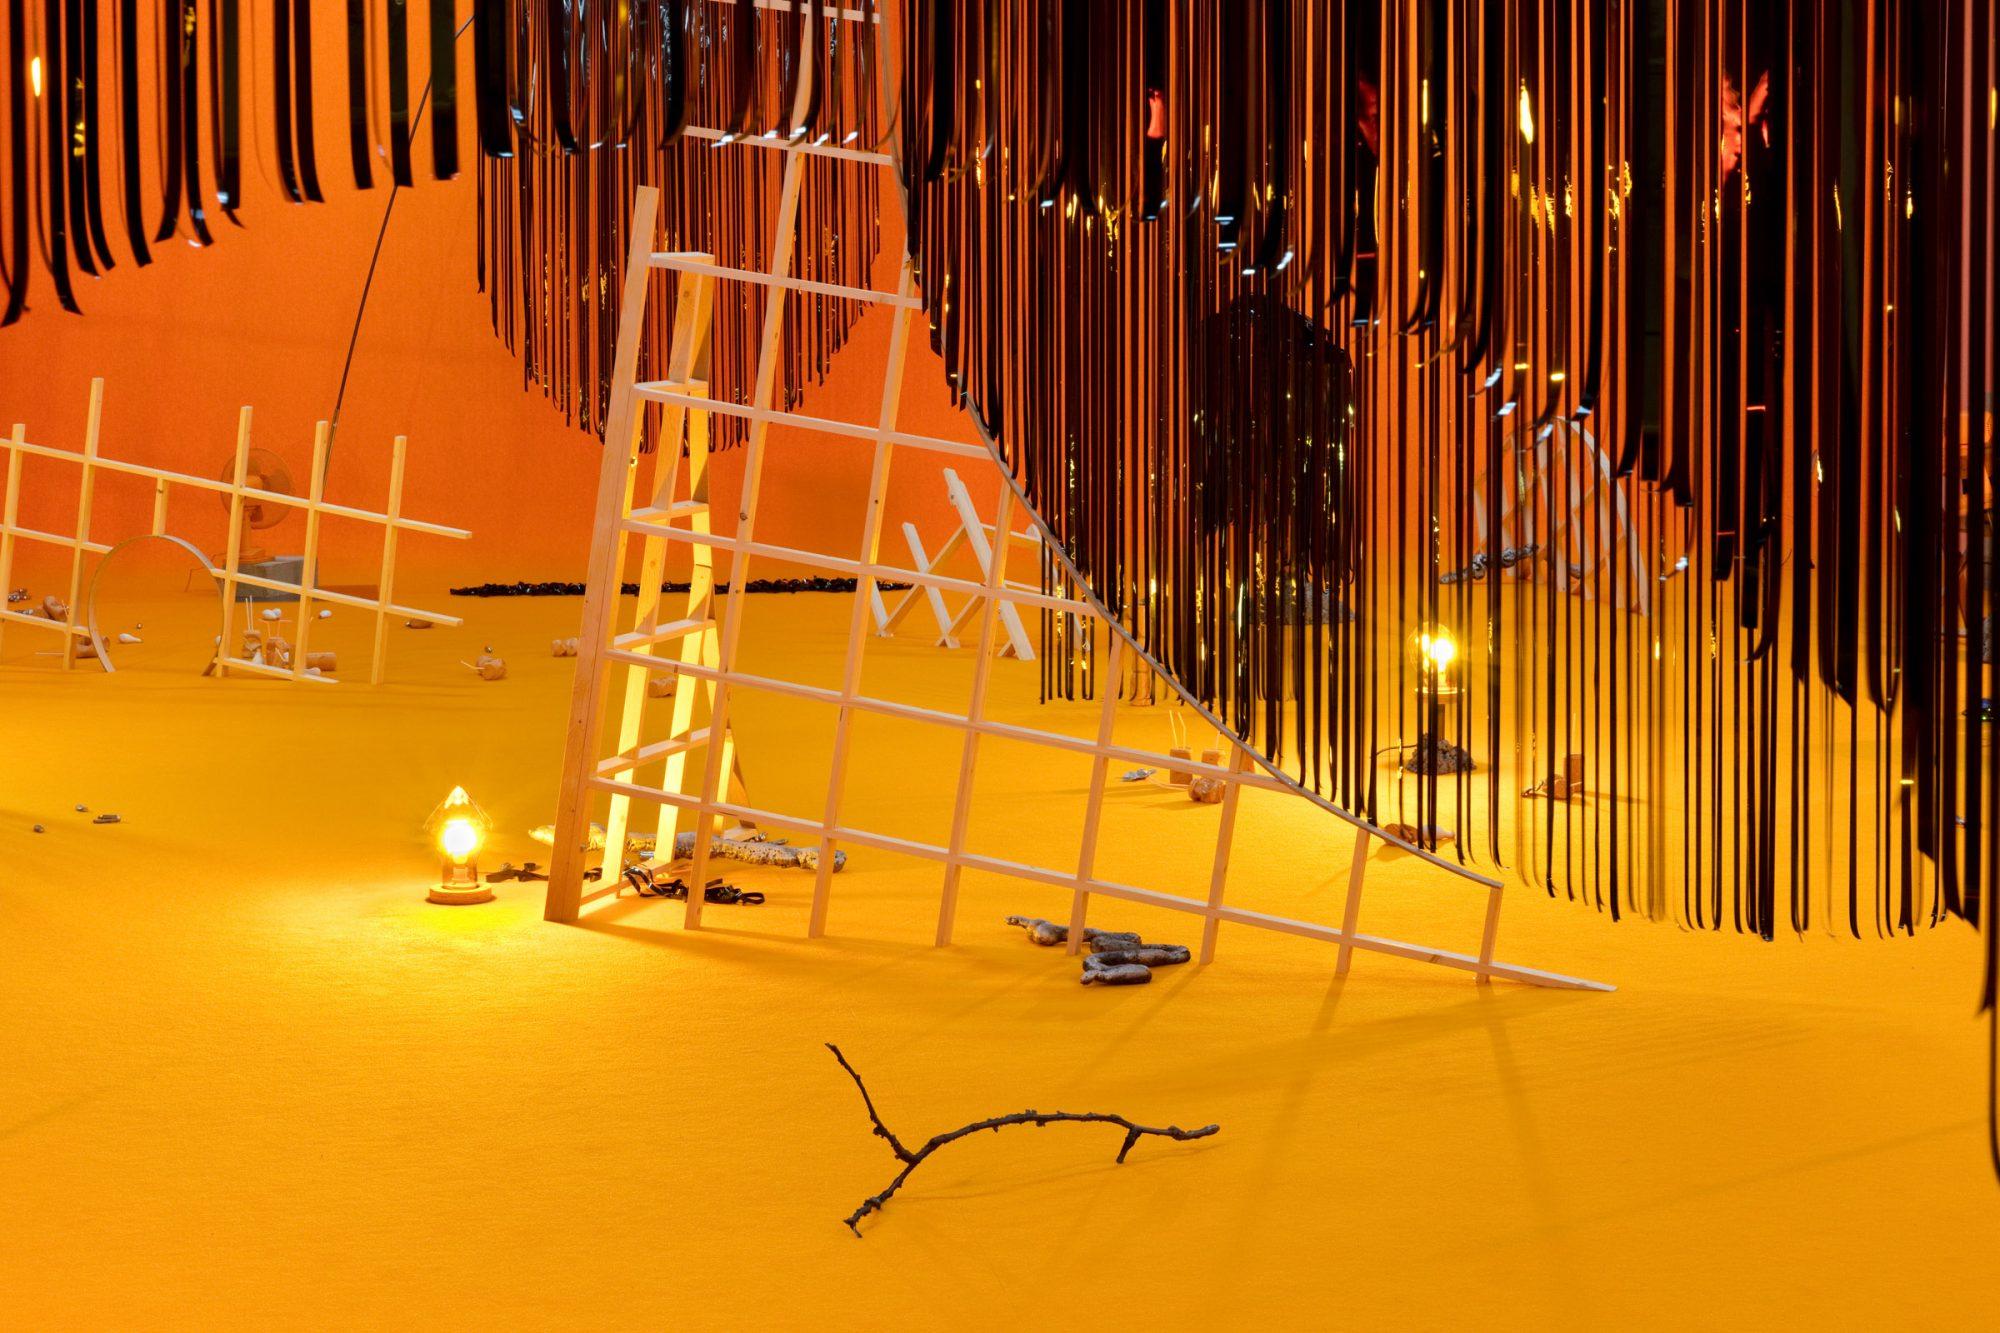 Anne Hardy Current(crssssh croooo slaaao zzzhff) Sensory Spaces 13 Museum Boijmans Van Beuningen